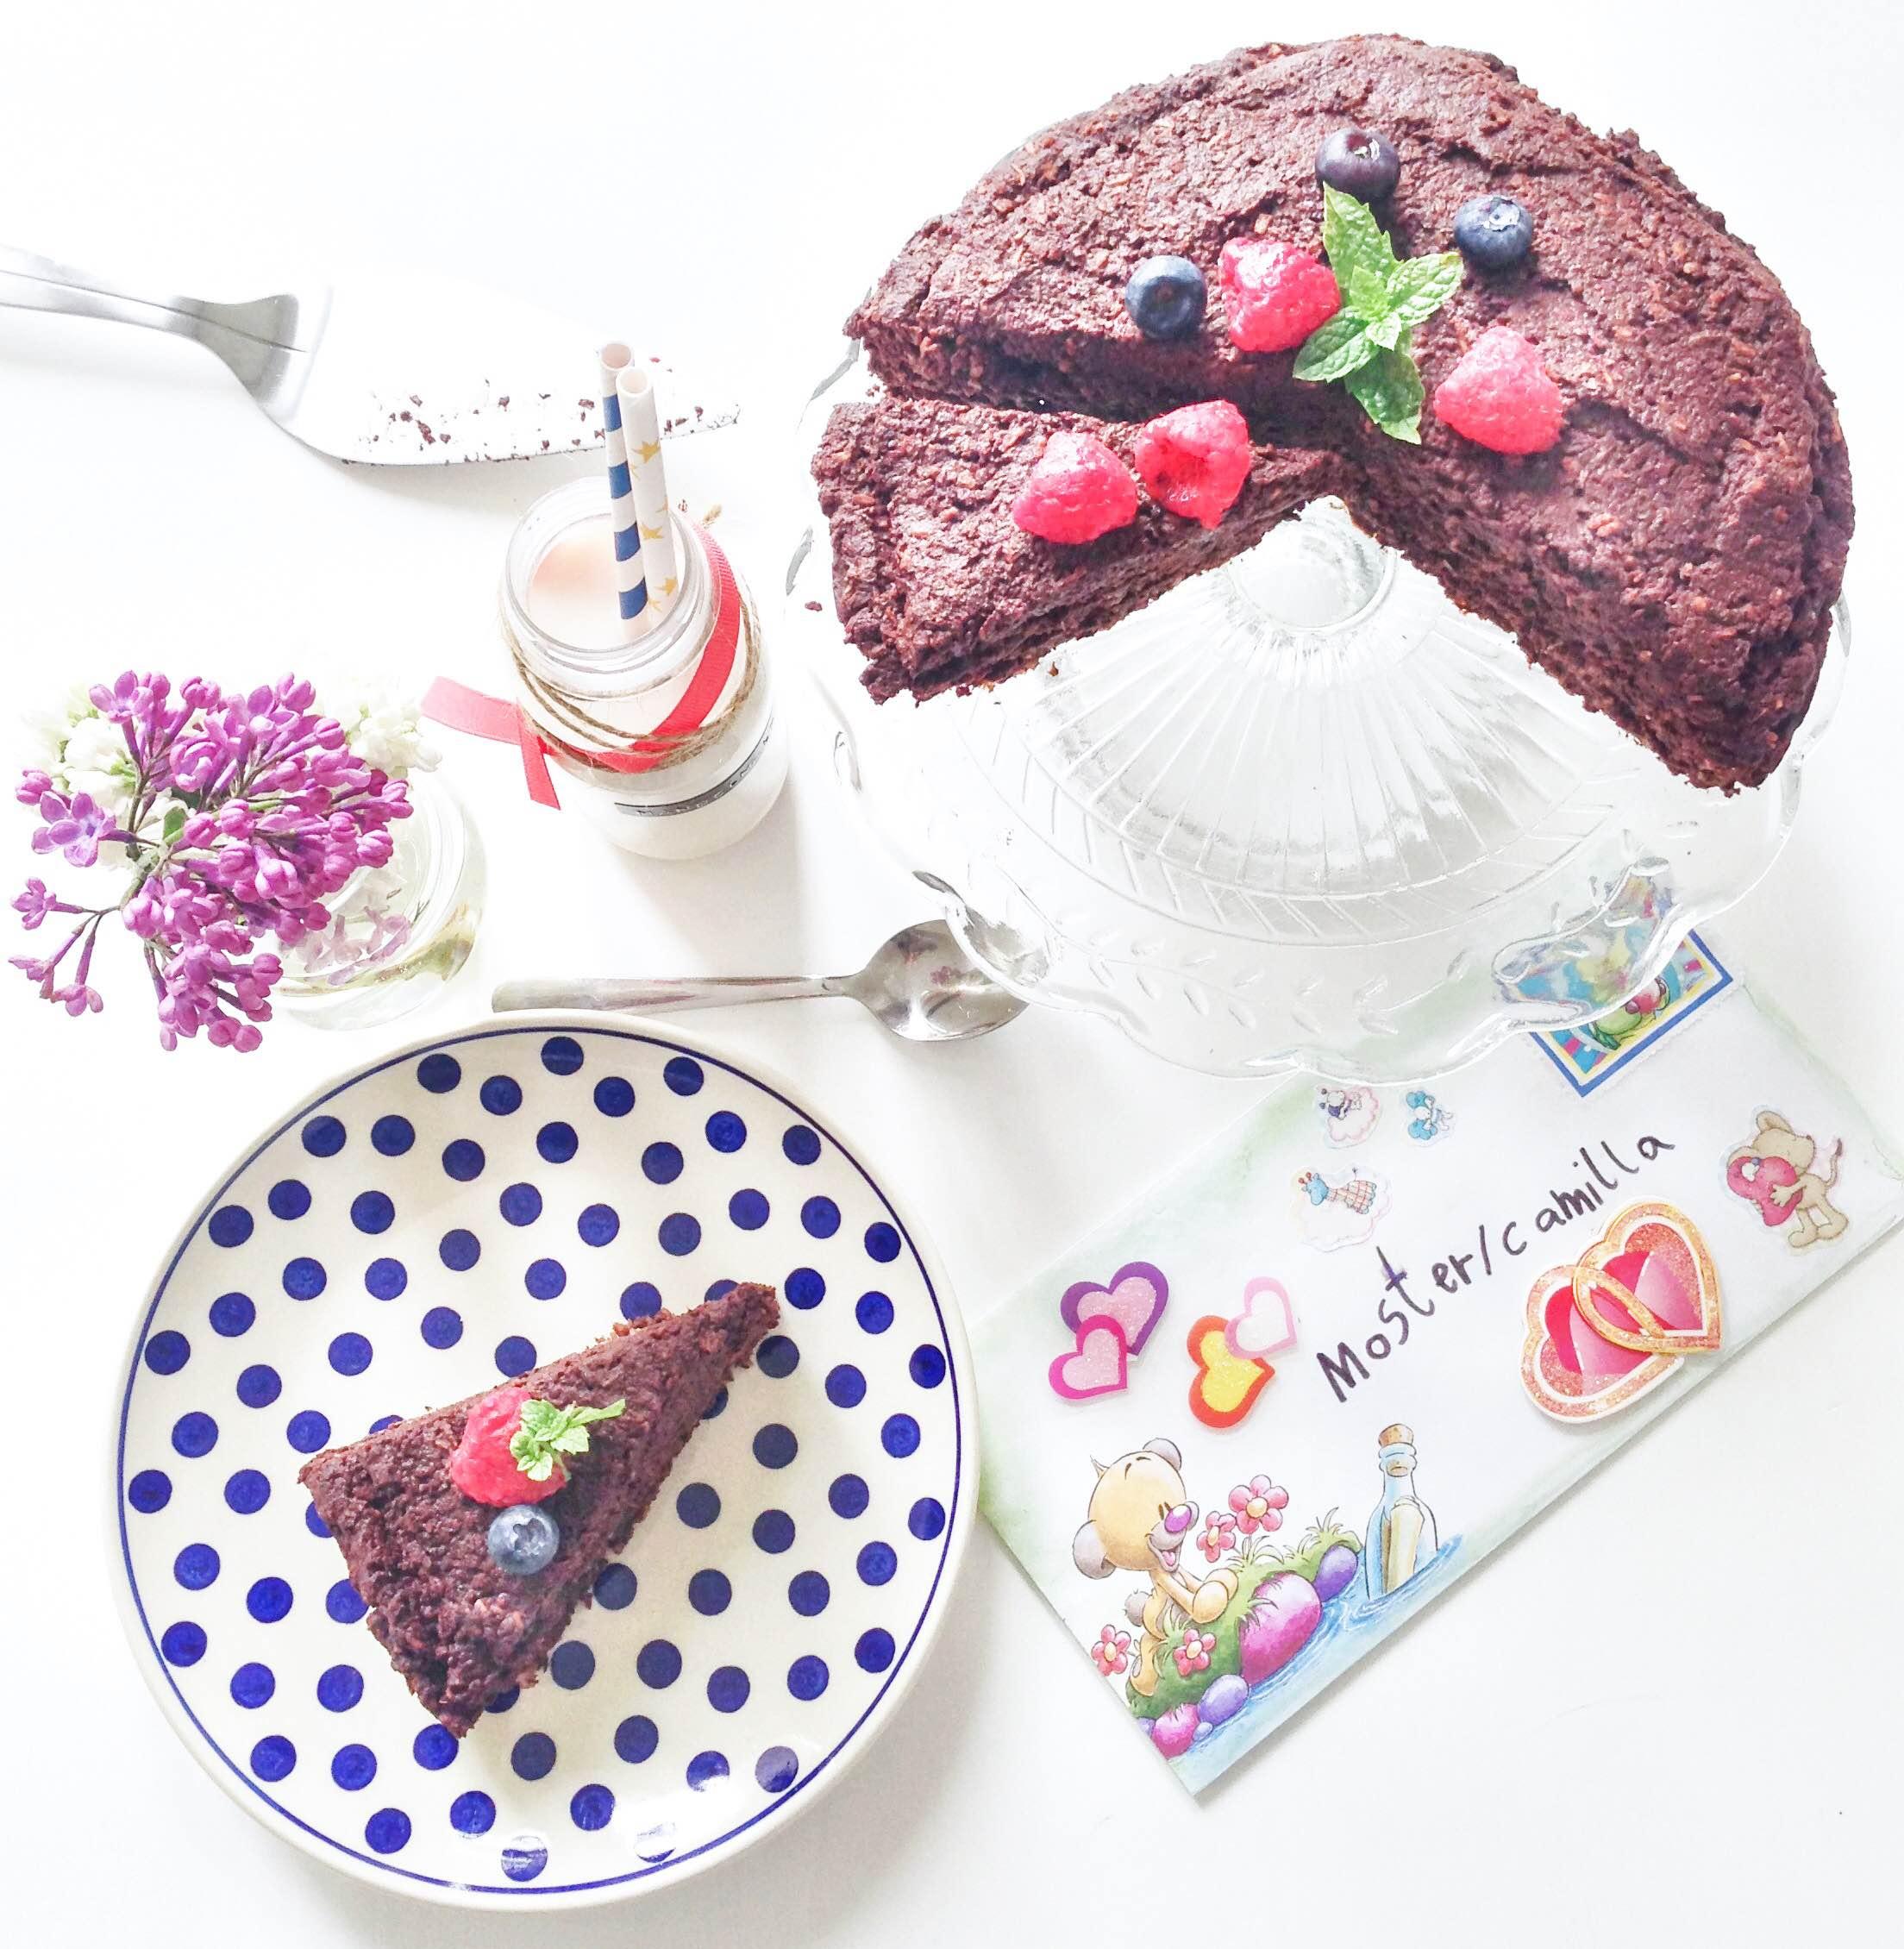 Drømmekage opskrift. Med chokolade. Sund og uden sukker og mælk. Sunde kager, sunde desserter